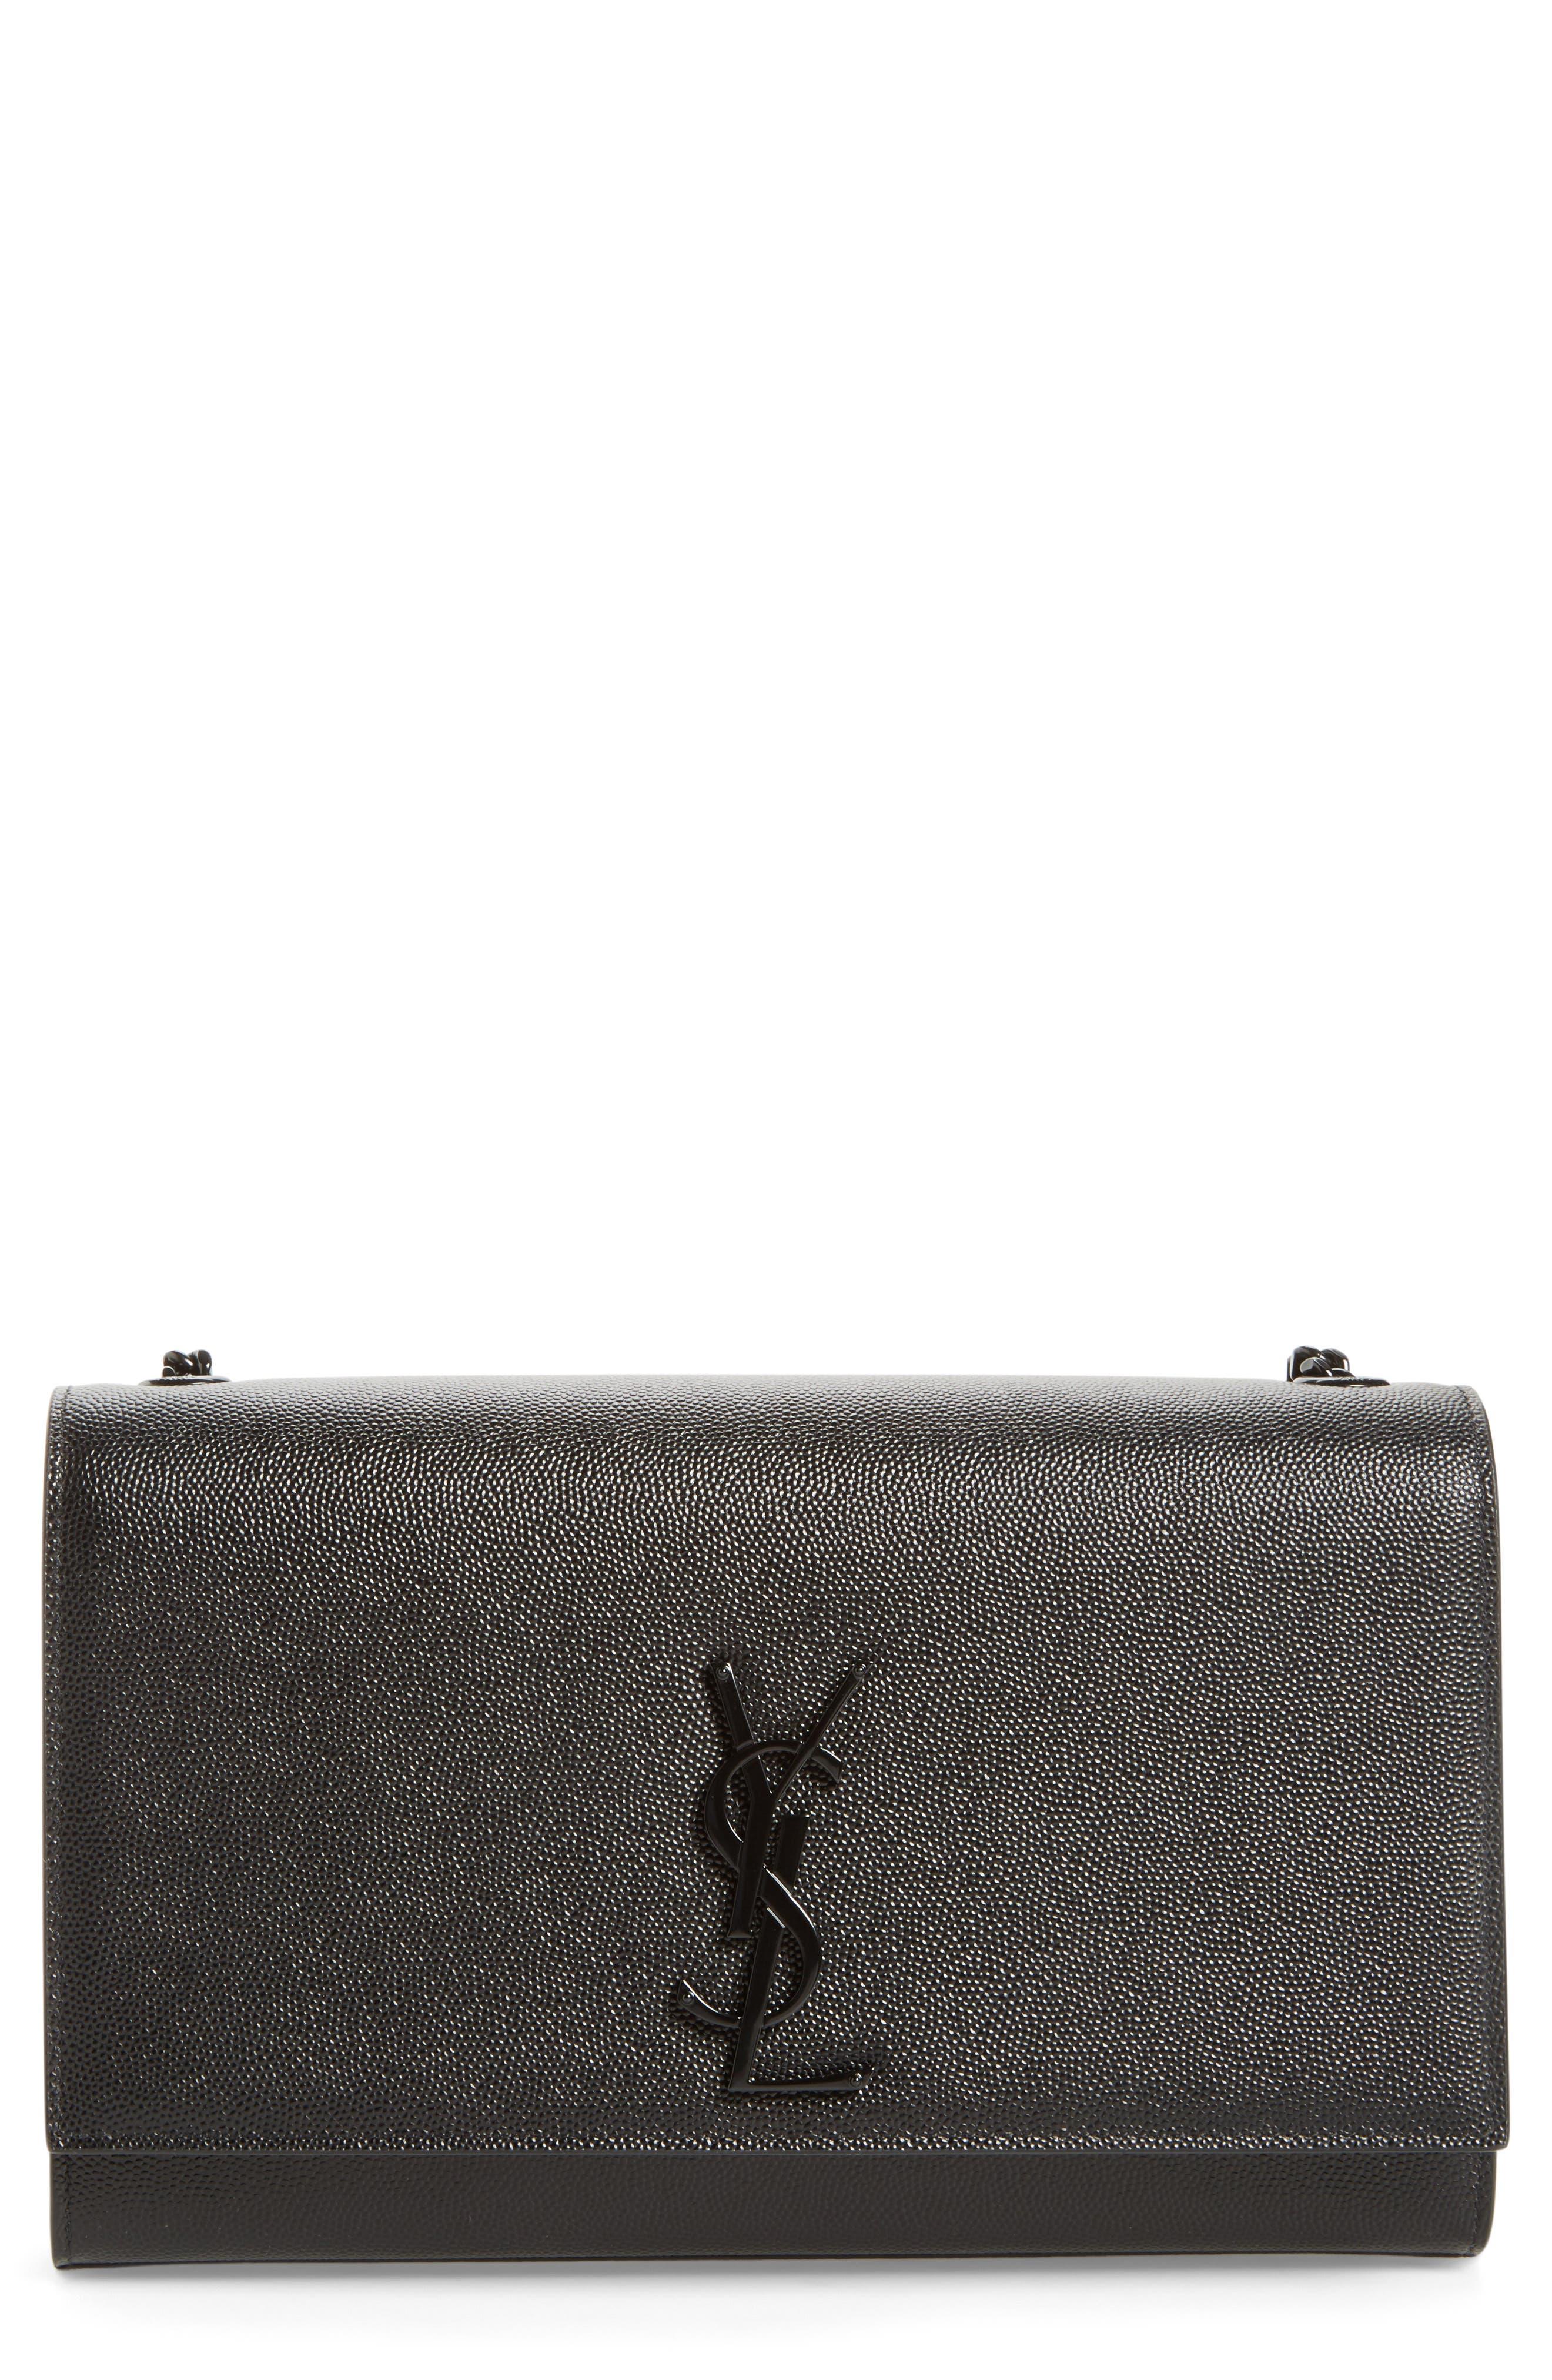 SAINT LAURENT Medium Monogram Leather Crossbody Bag, Main, color, NERO